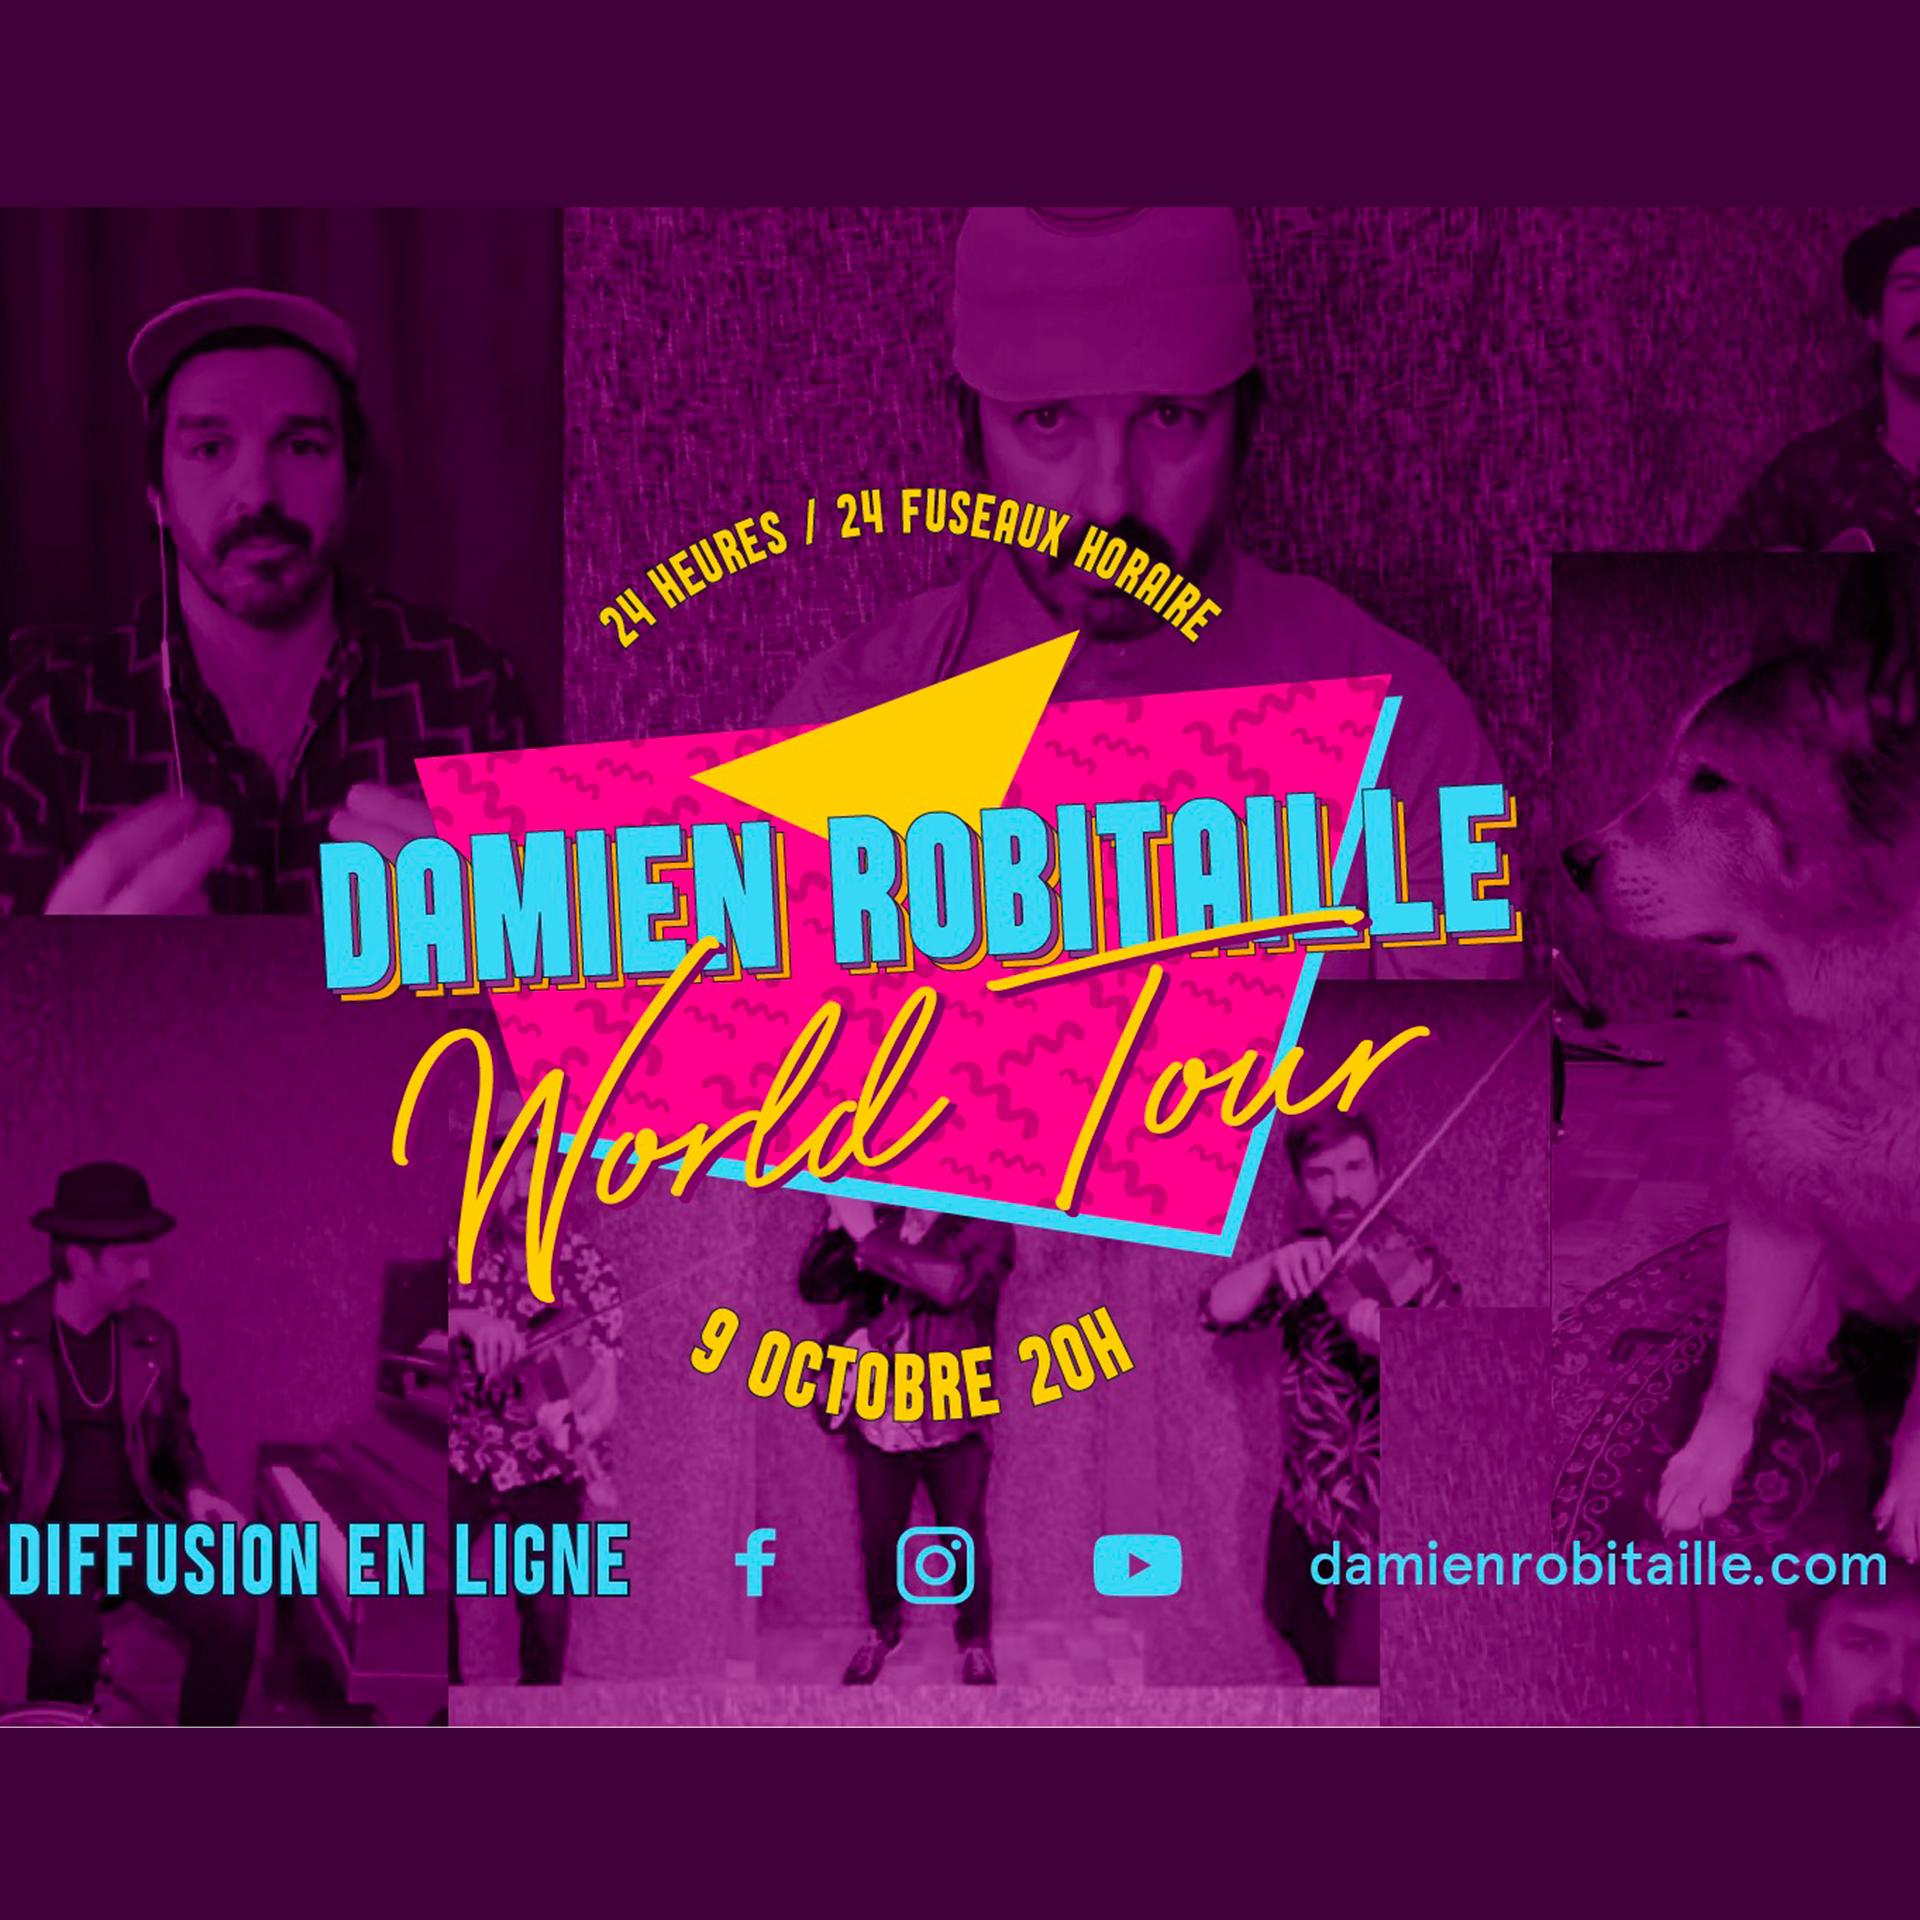 DAMIEN ROBITAILLE – WORLD TOUR